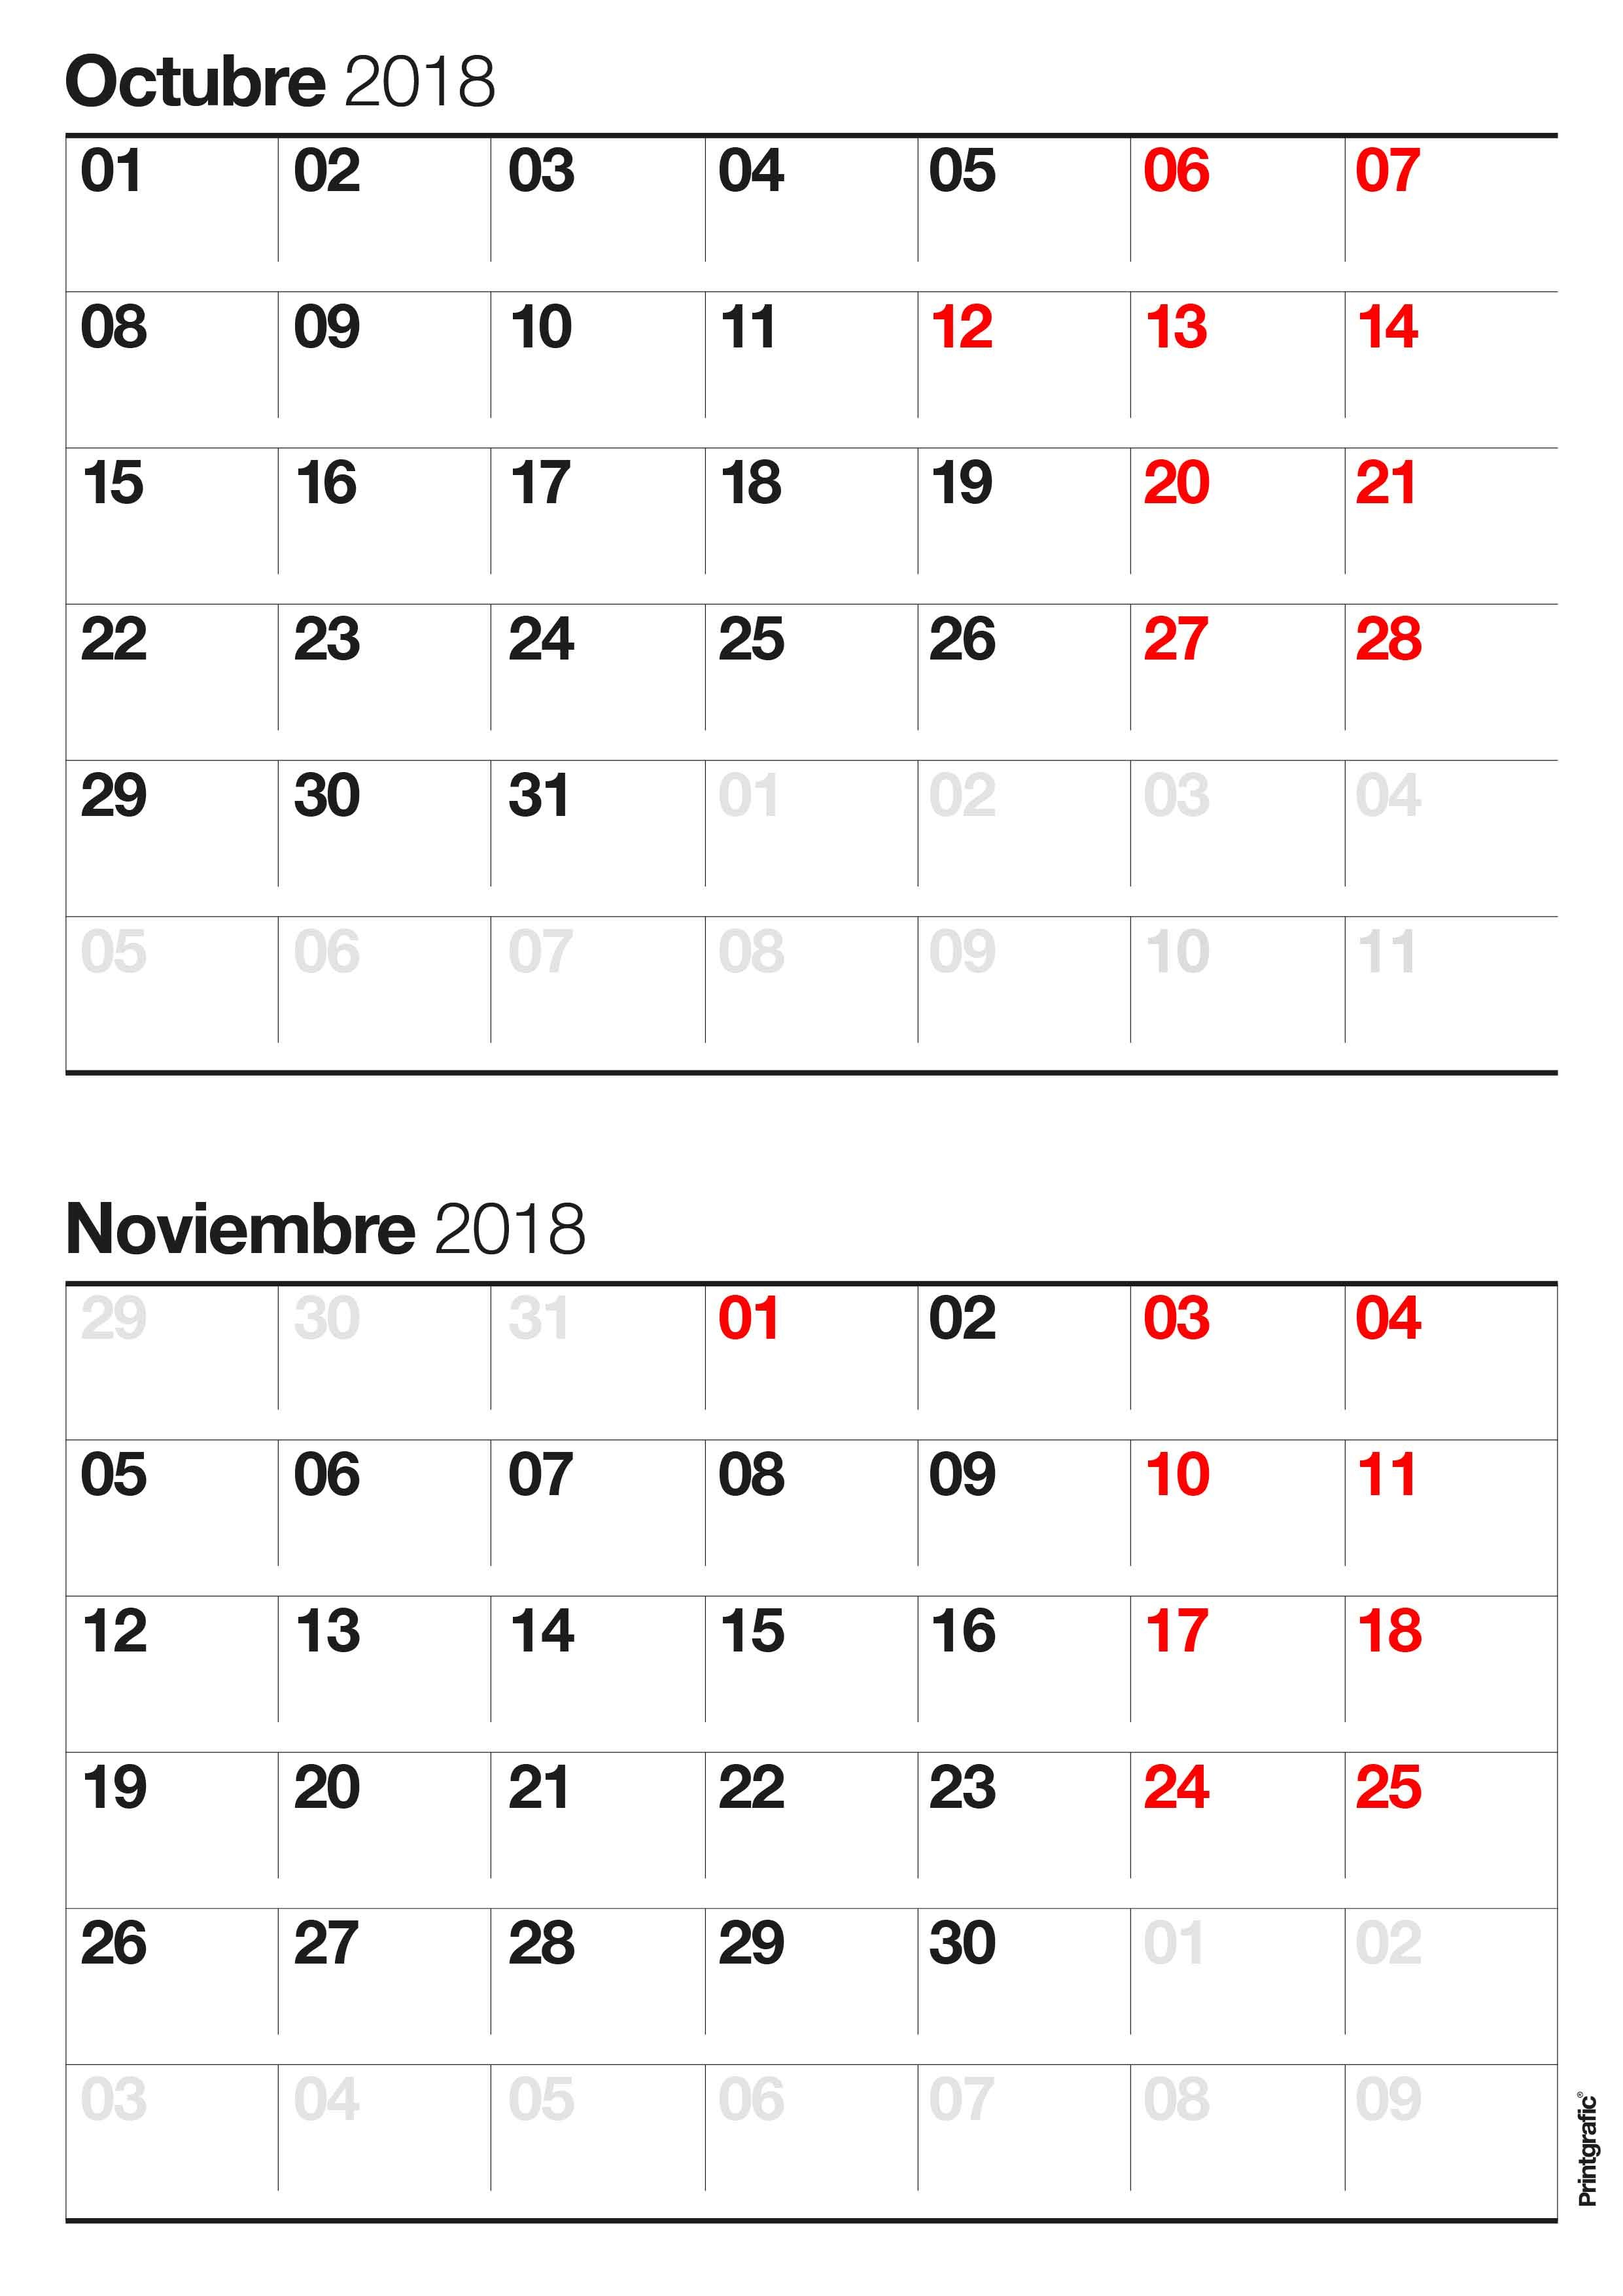 Calendario 2019 Para Imprimir Word Más Arriba-a-fecha Calendario Para Imprimir Of Calendario 2019 Para Imprimir Word Más Reciente Template Archives Page 210 Of 262 Wheel Of Concept